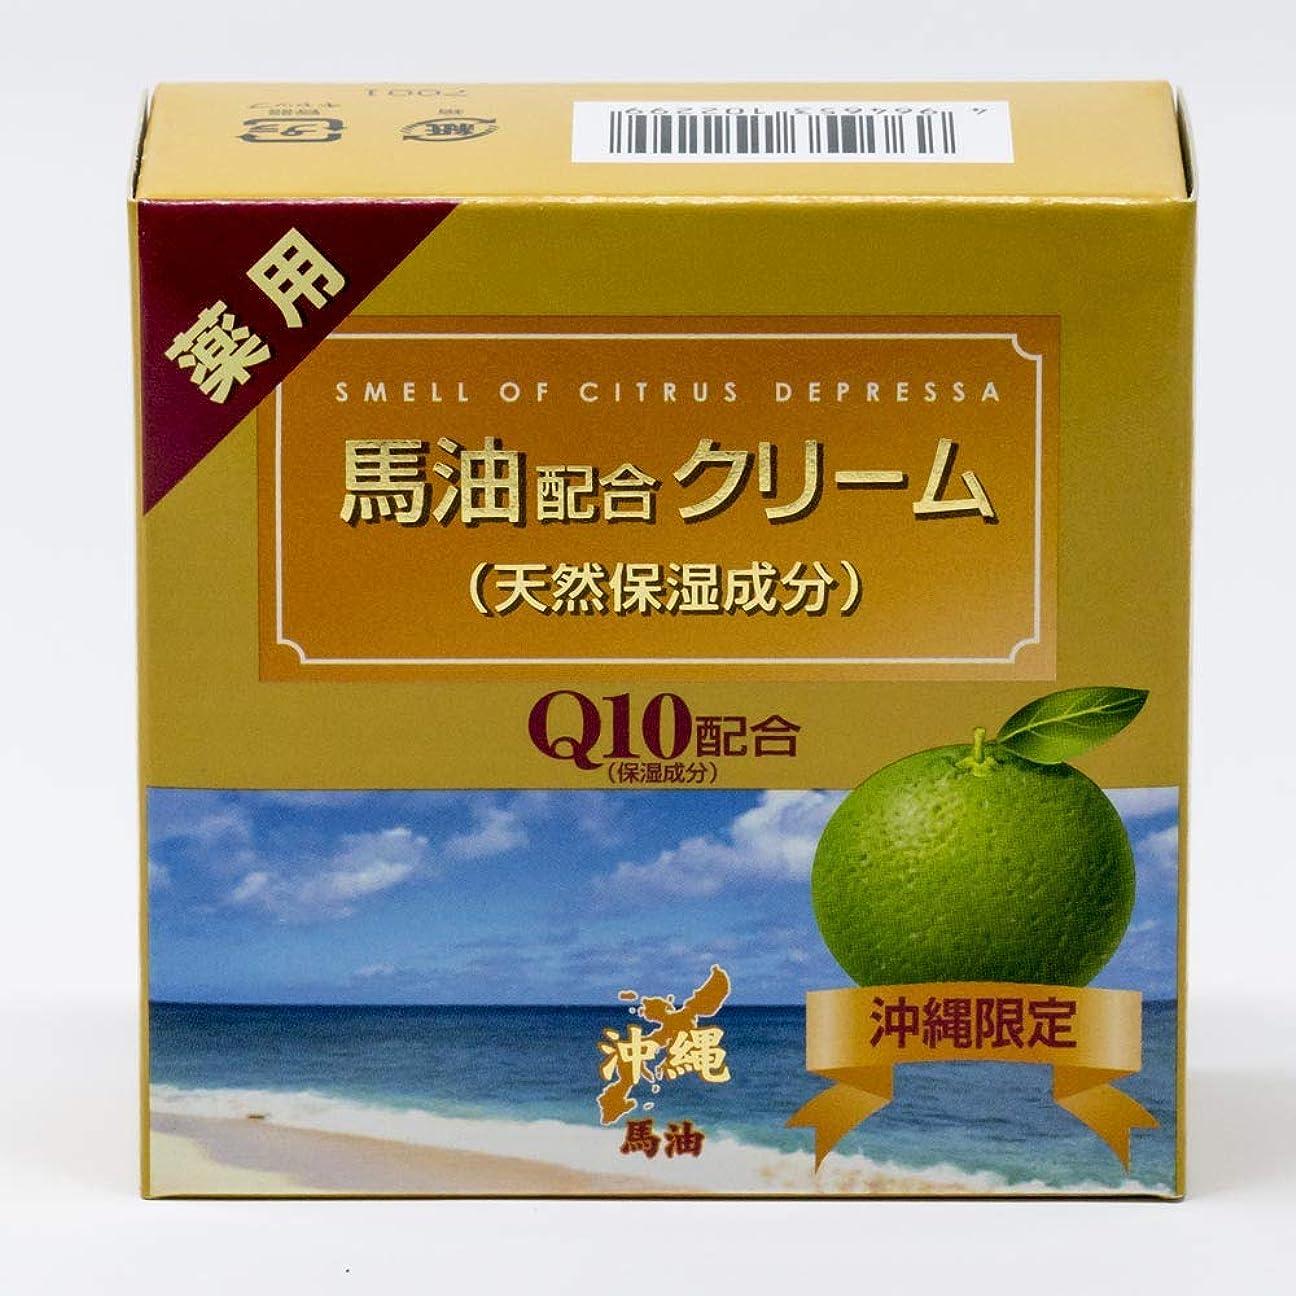 過敏なインタフェースオレンジ薬用 馬油クリーム シークヮーサーの香り Q10配合(沖縄限定)